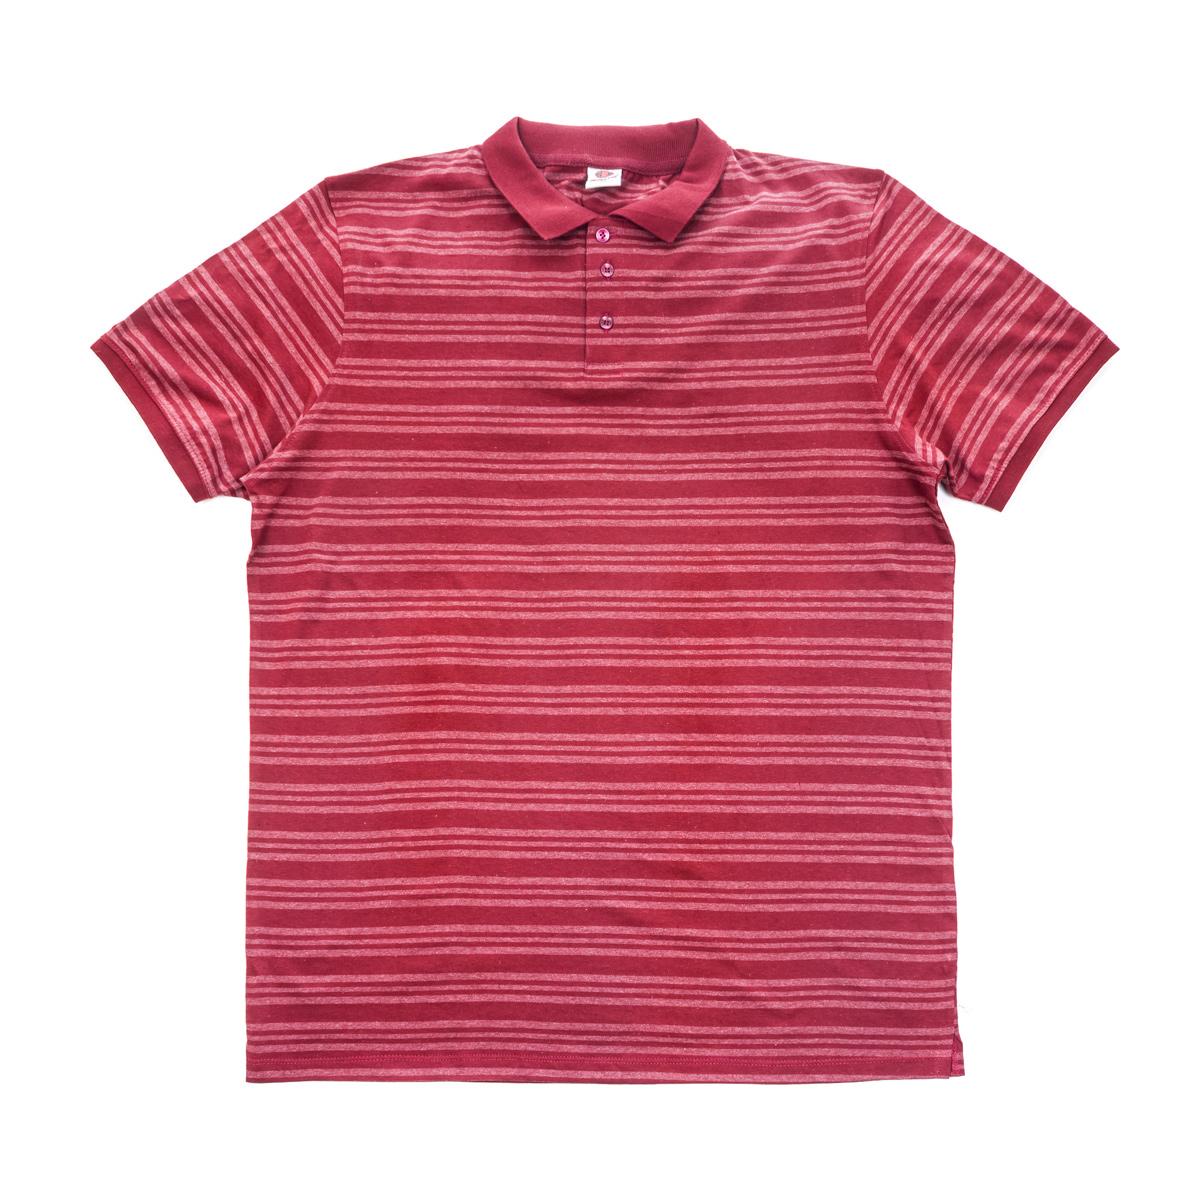 Муж. футболка арт. 04-0046 Бордовый р. 66 - Мужская одежда артикул: 25687